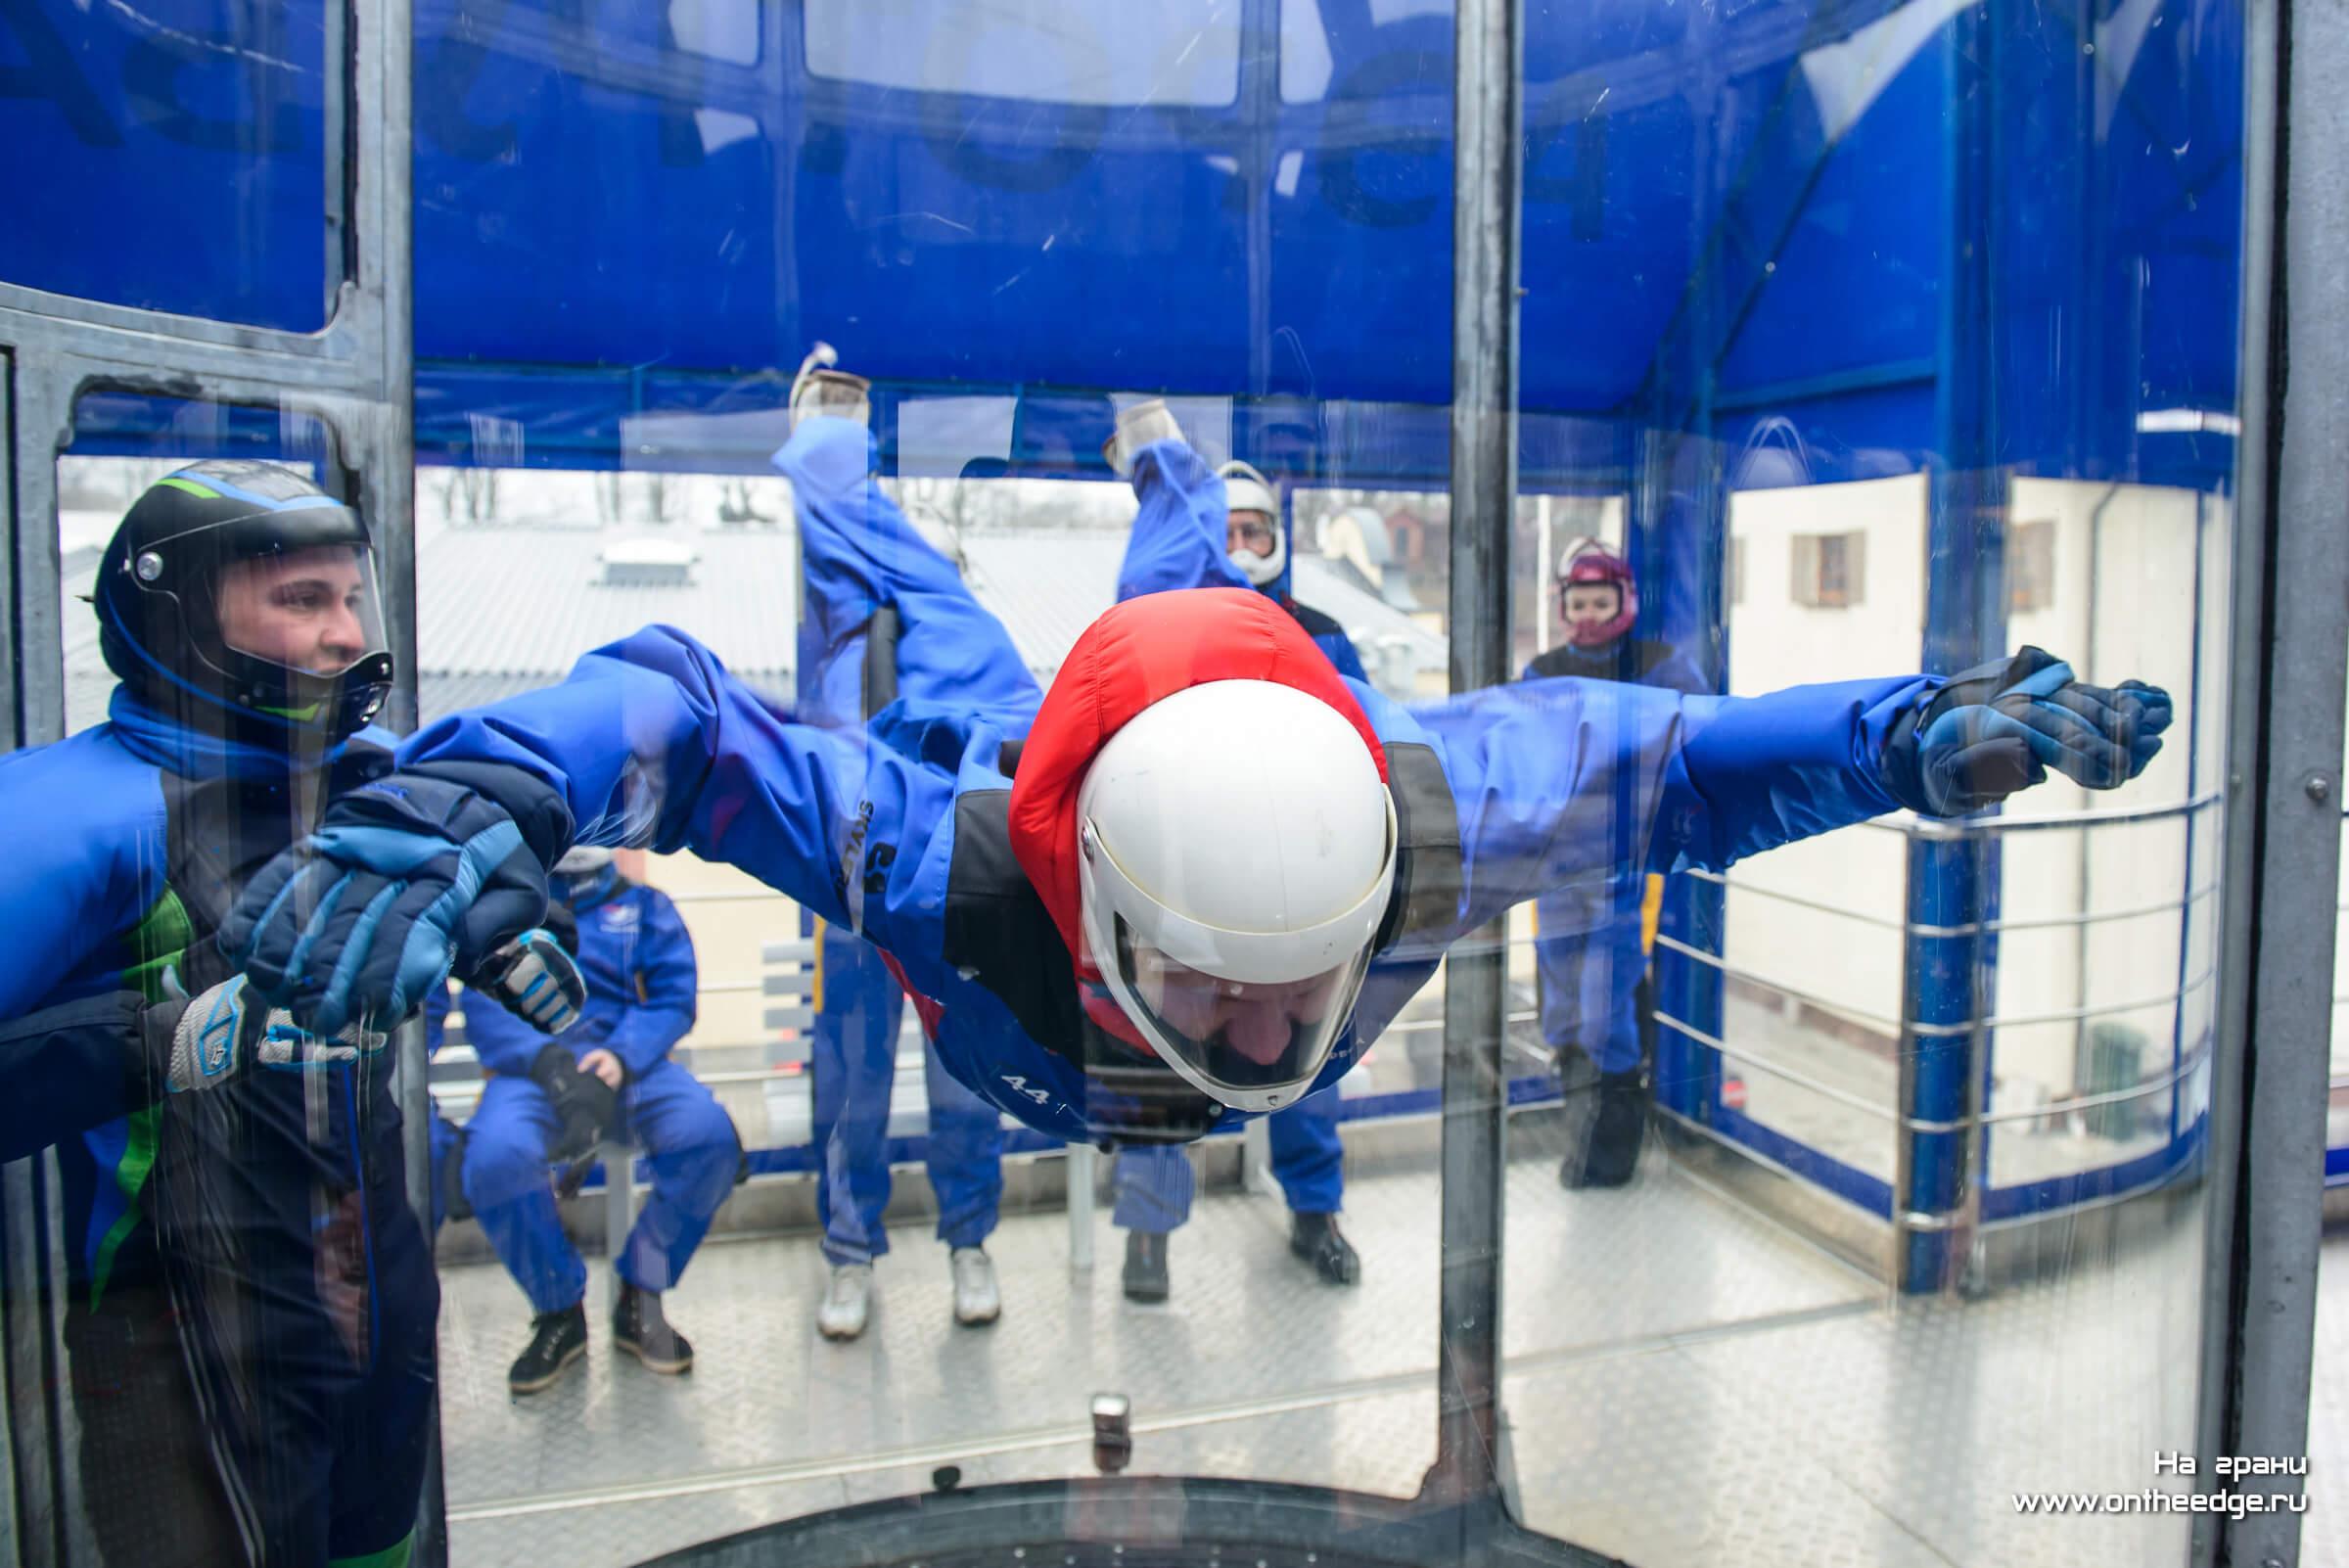 дмитрий пелин летает в аэротрубе в Калининграде